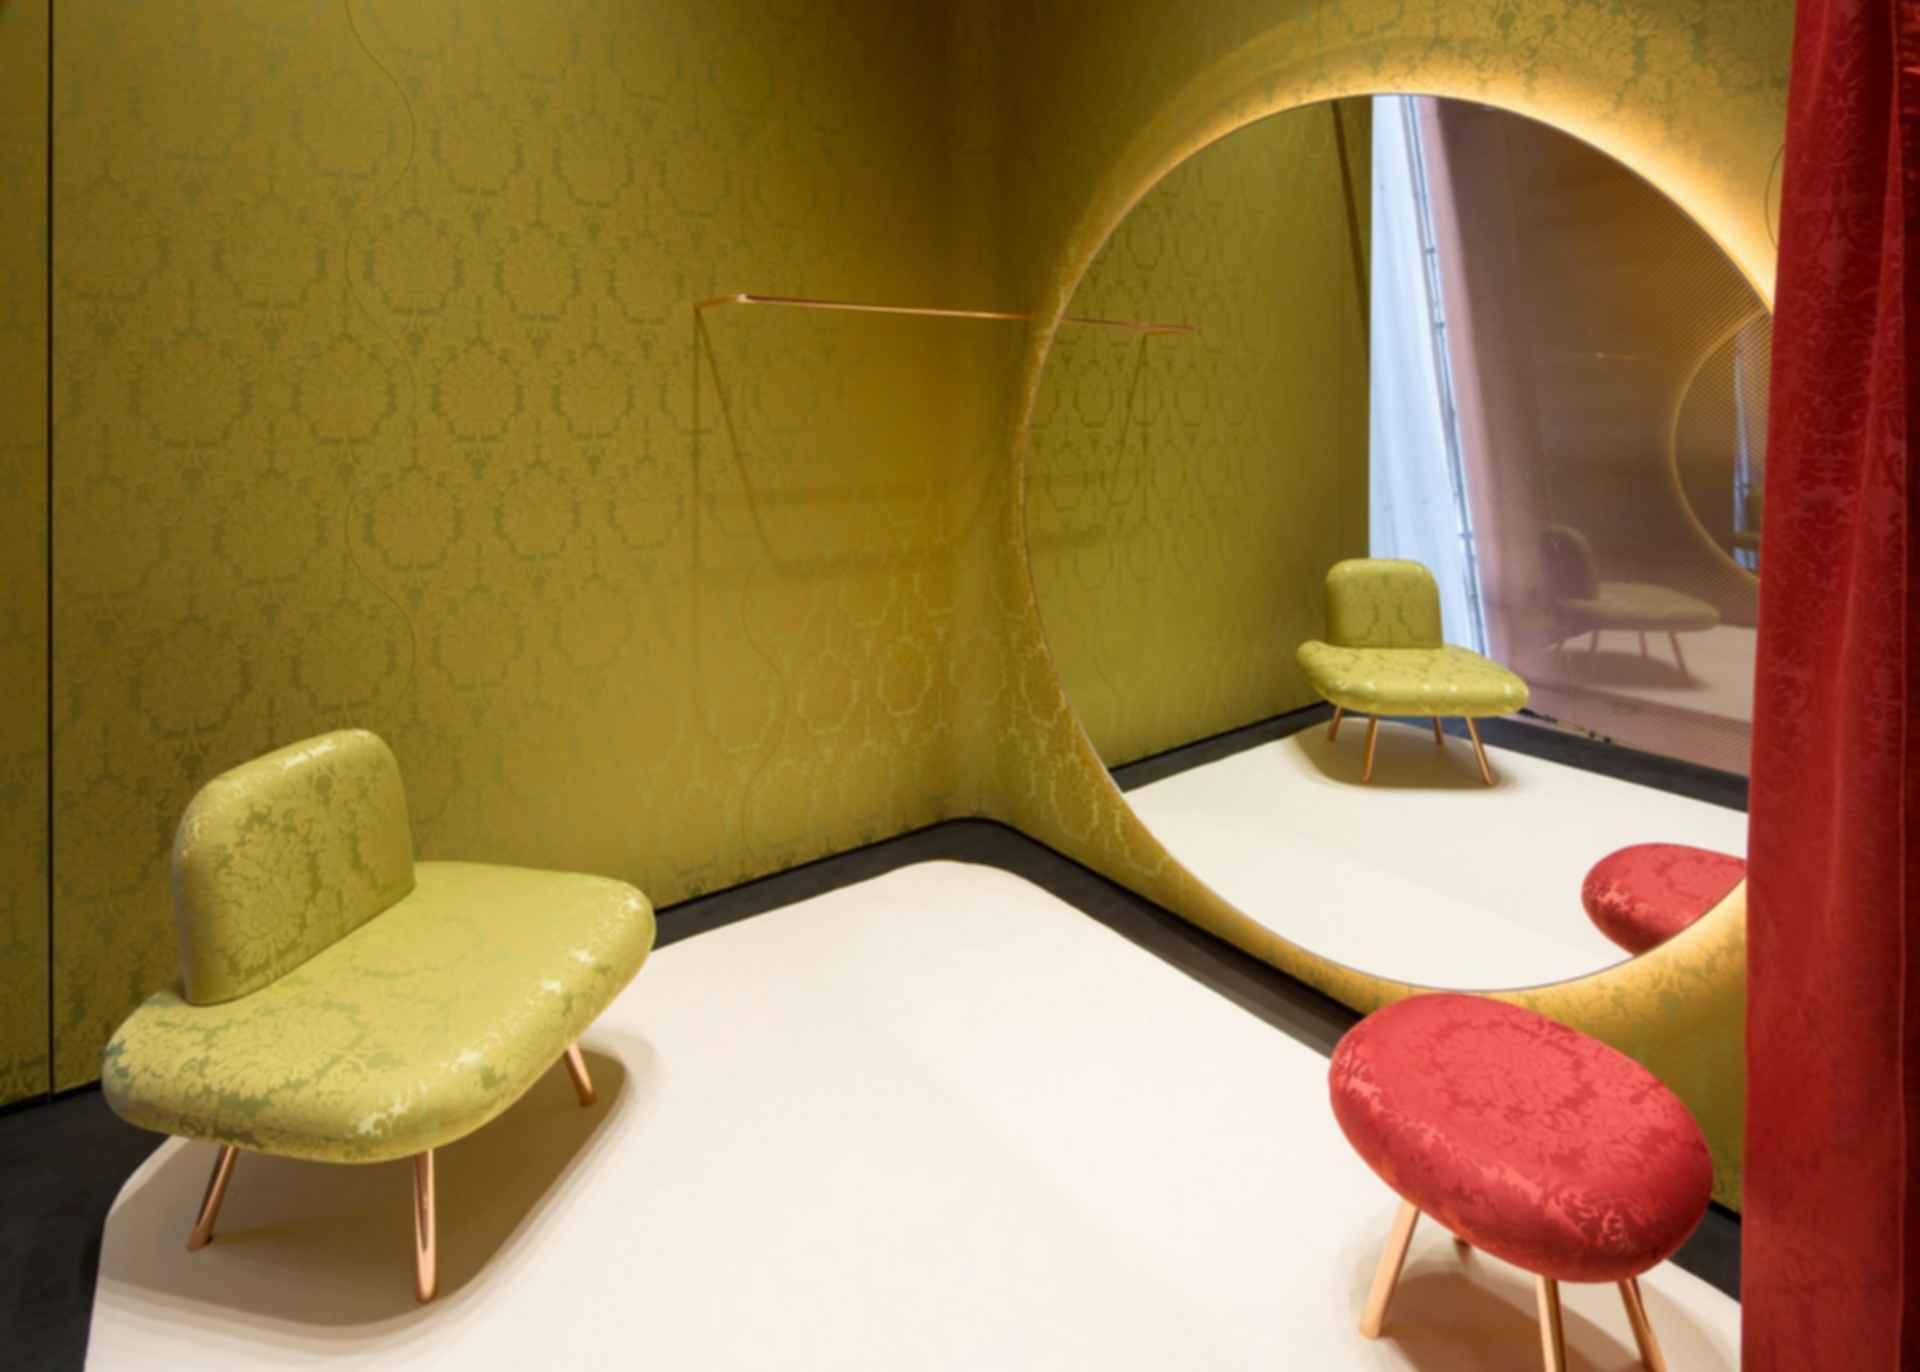 Miu Miu Store - Changing Room